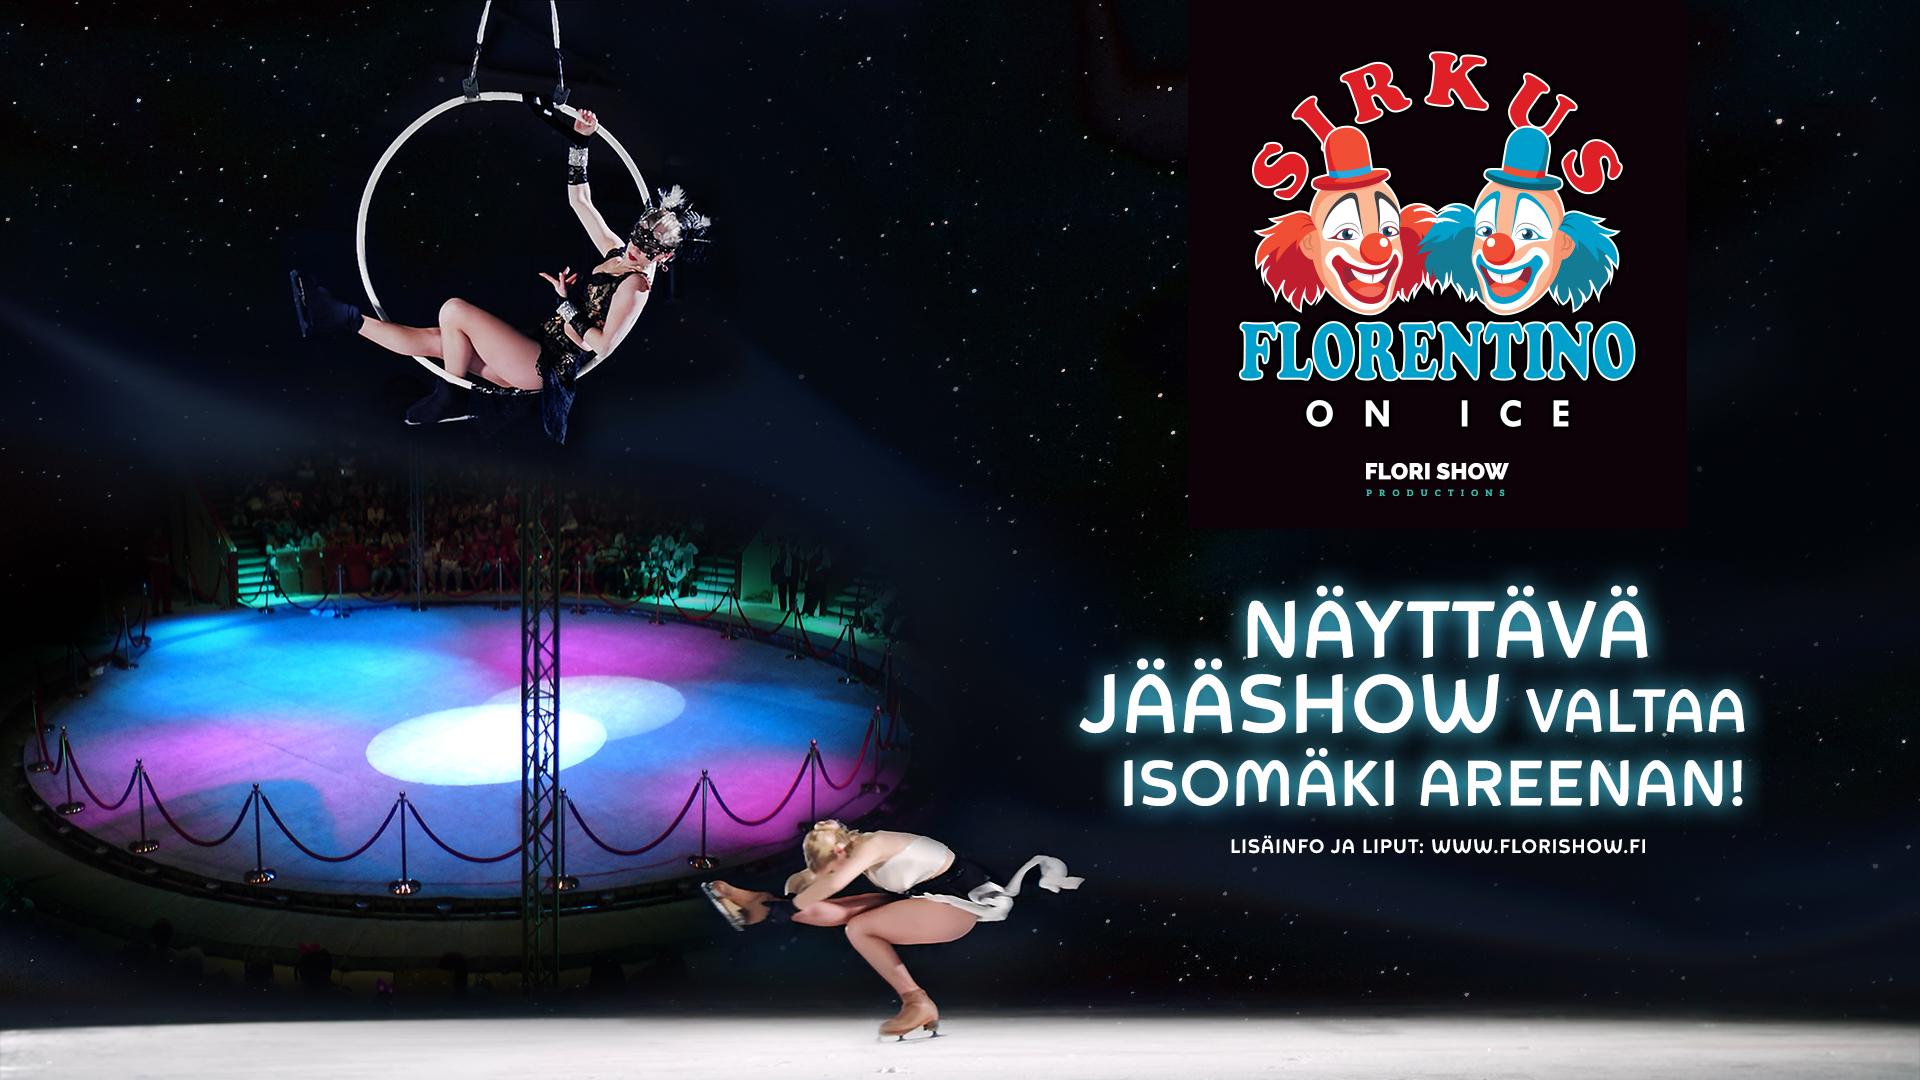 Sirkus Florentino on Ice